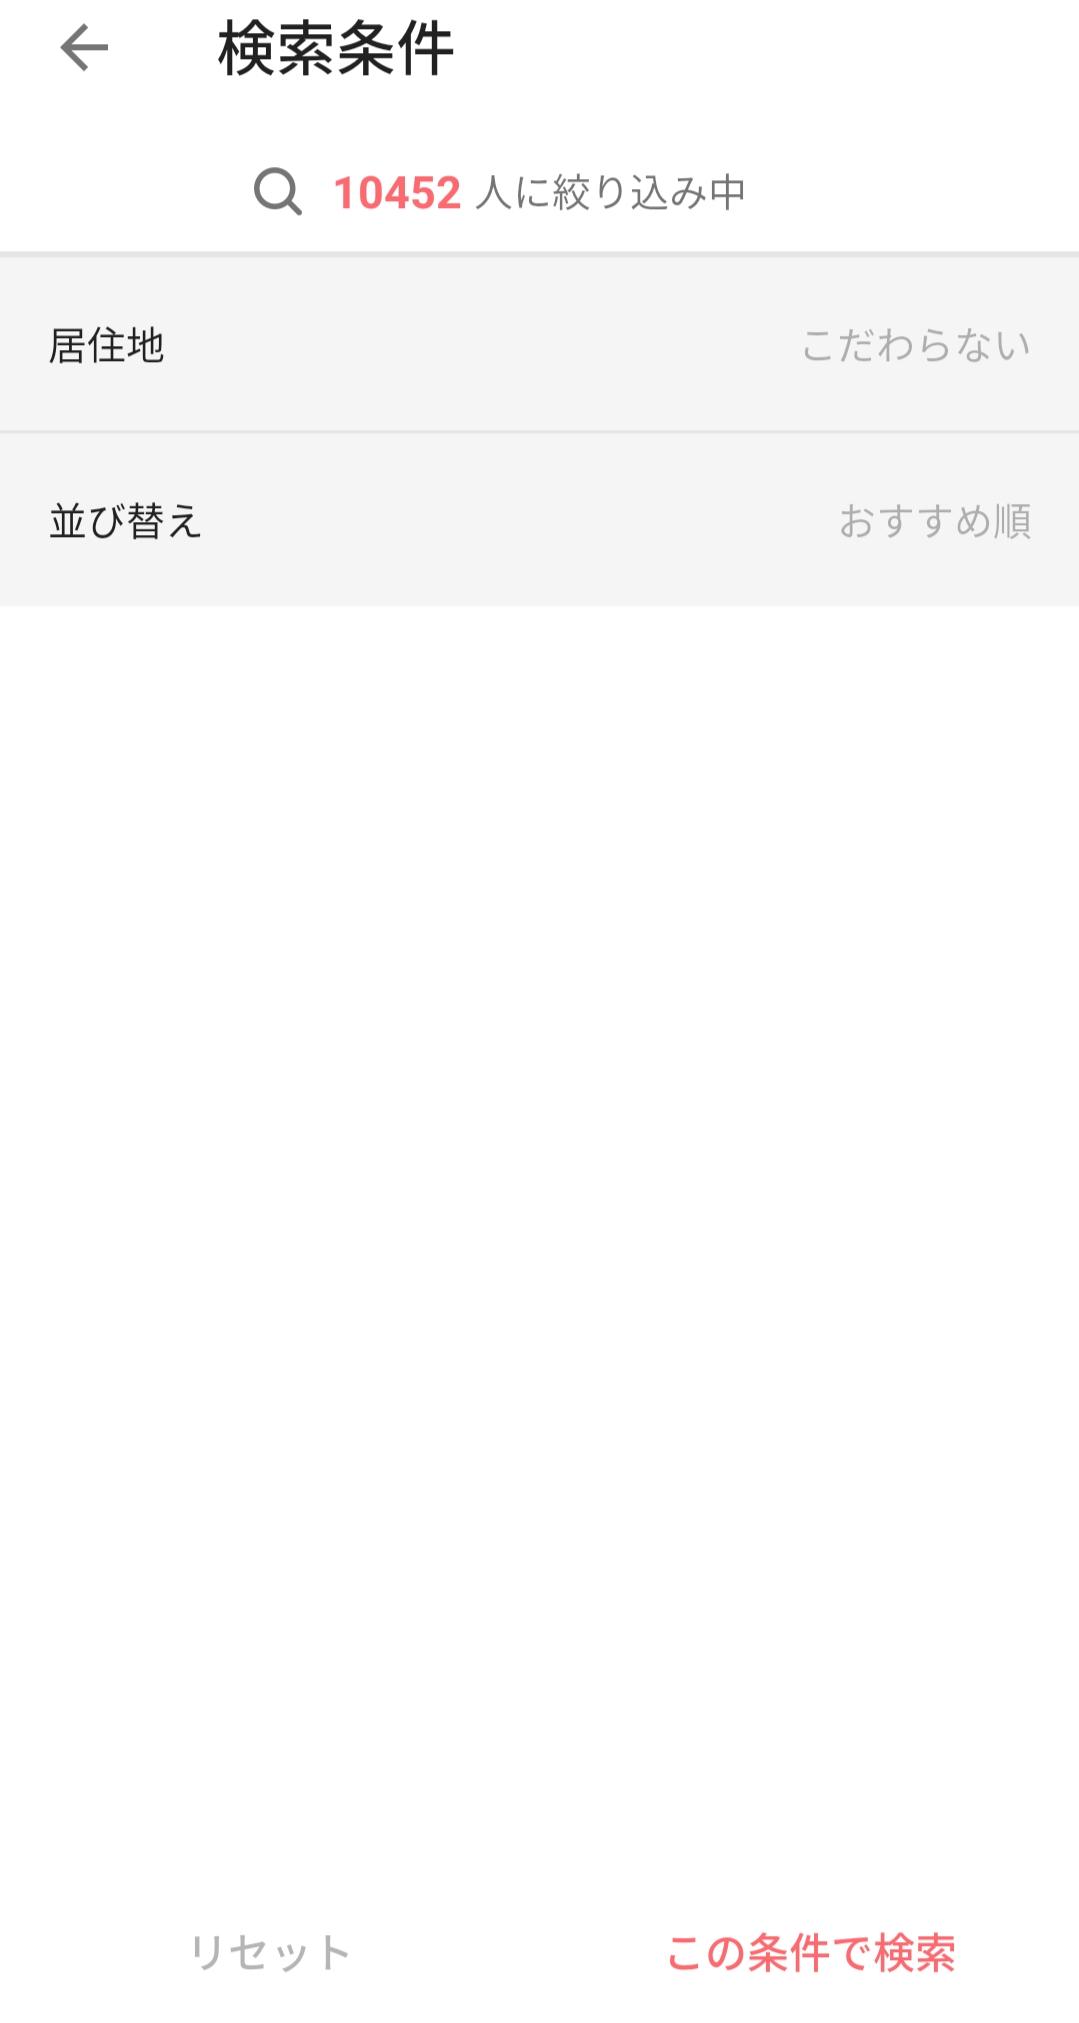 with好みカードの絞り込み検索